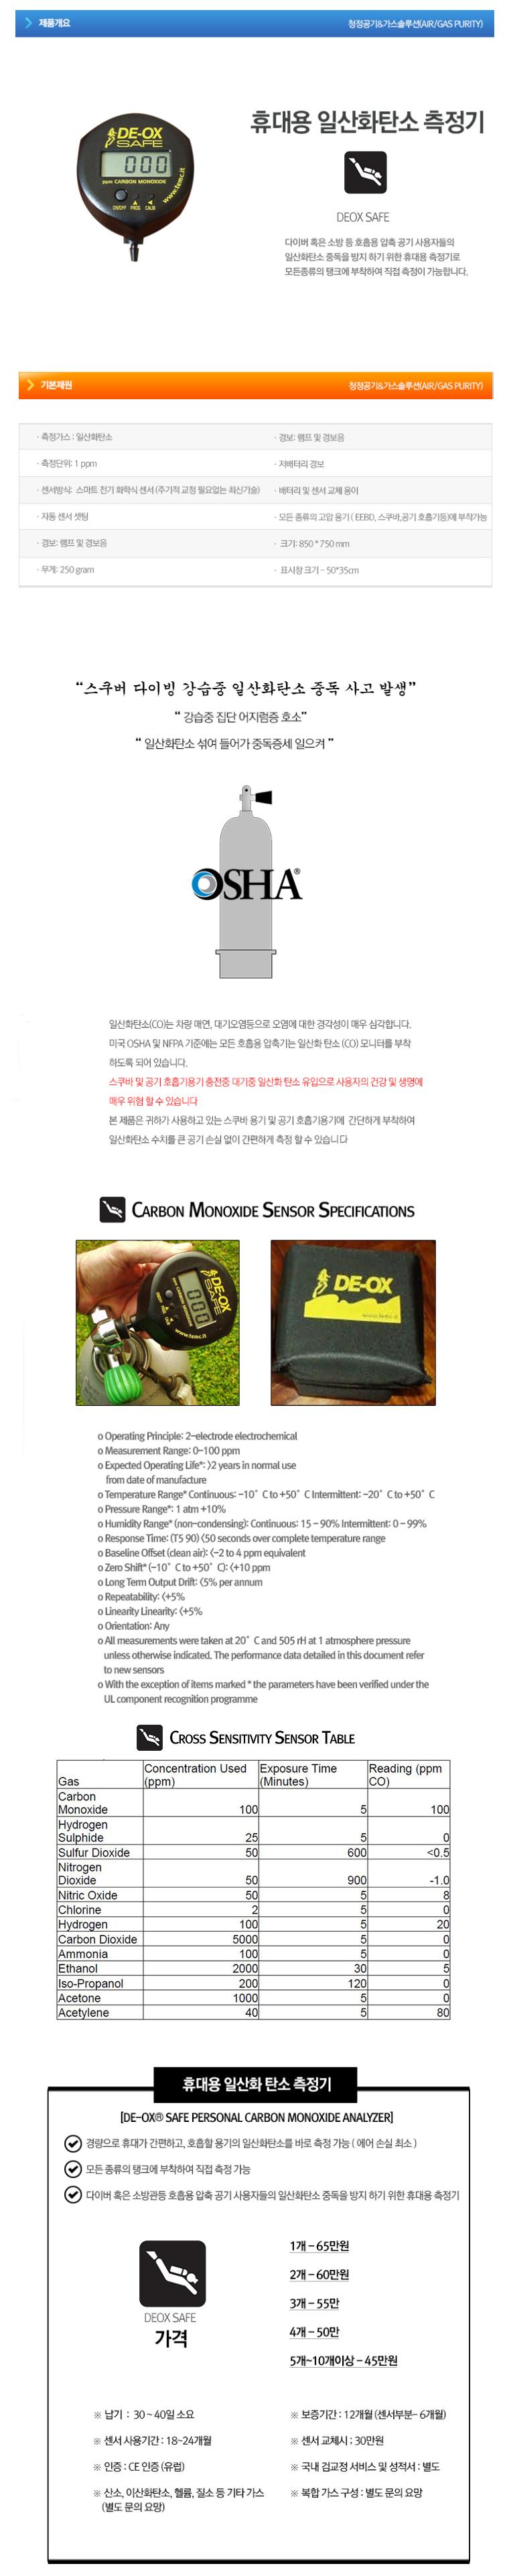 (주)엠에스엘콤프레서 휴대용 일산화탄소 측정기